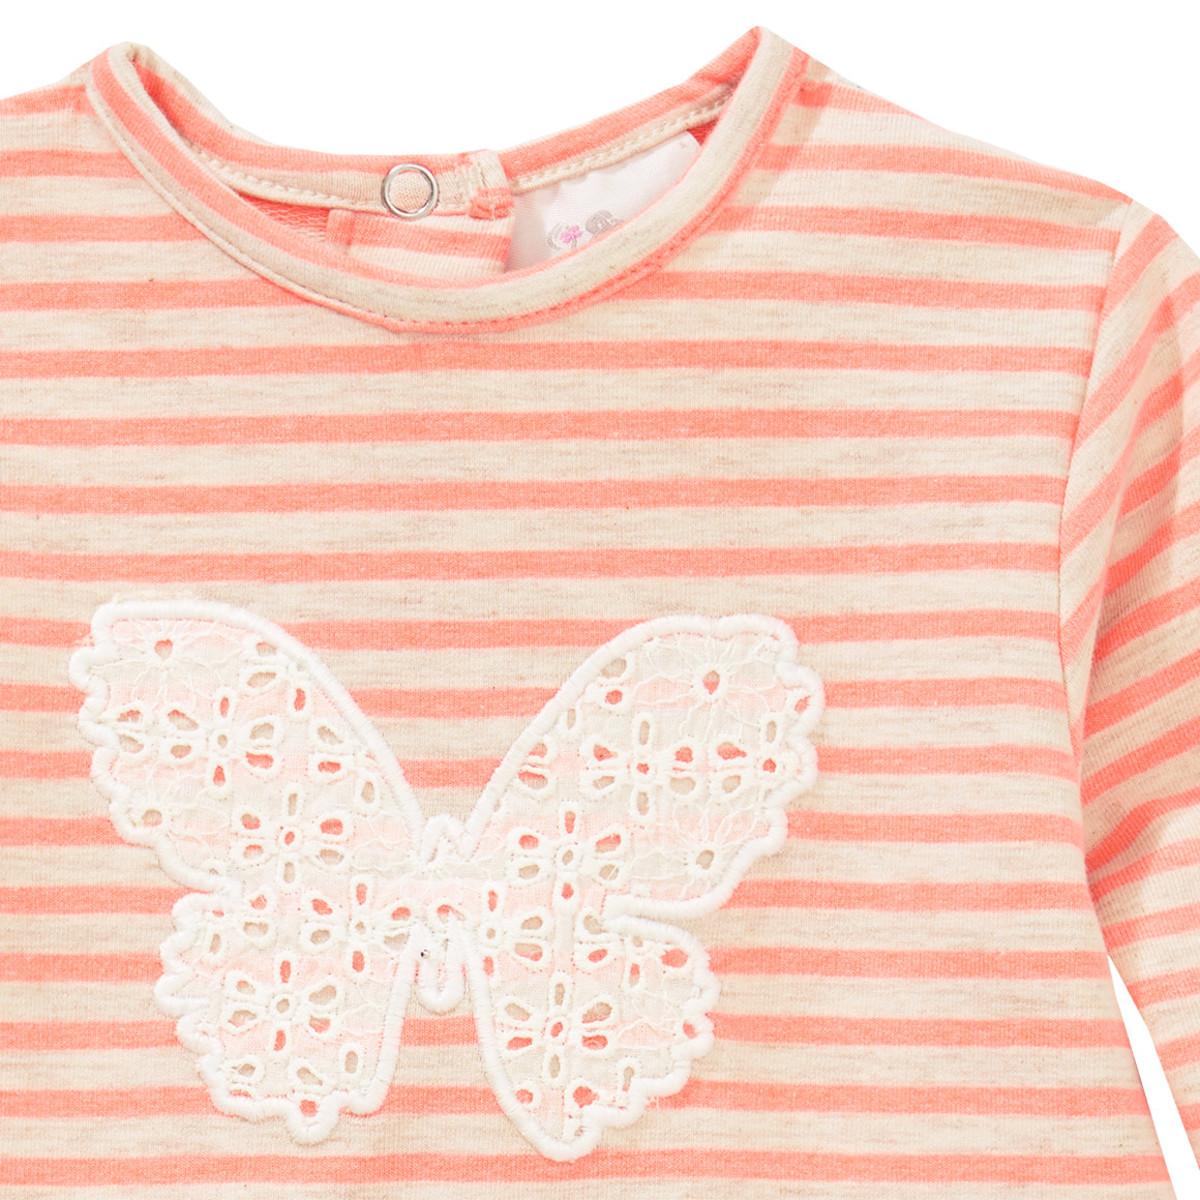 Bild 2 von Baby Kleid im Streifen-Look